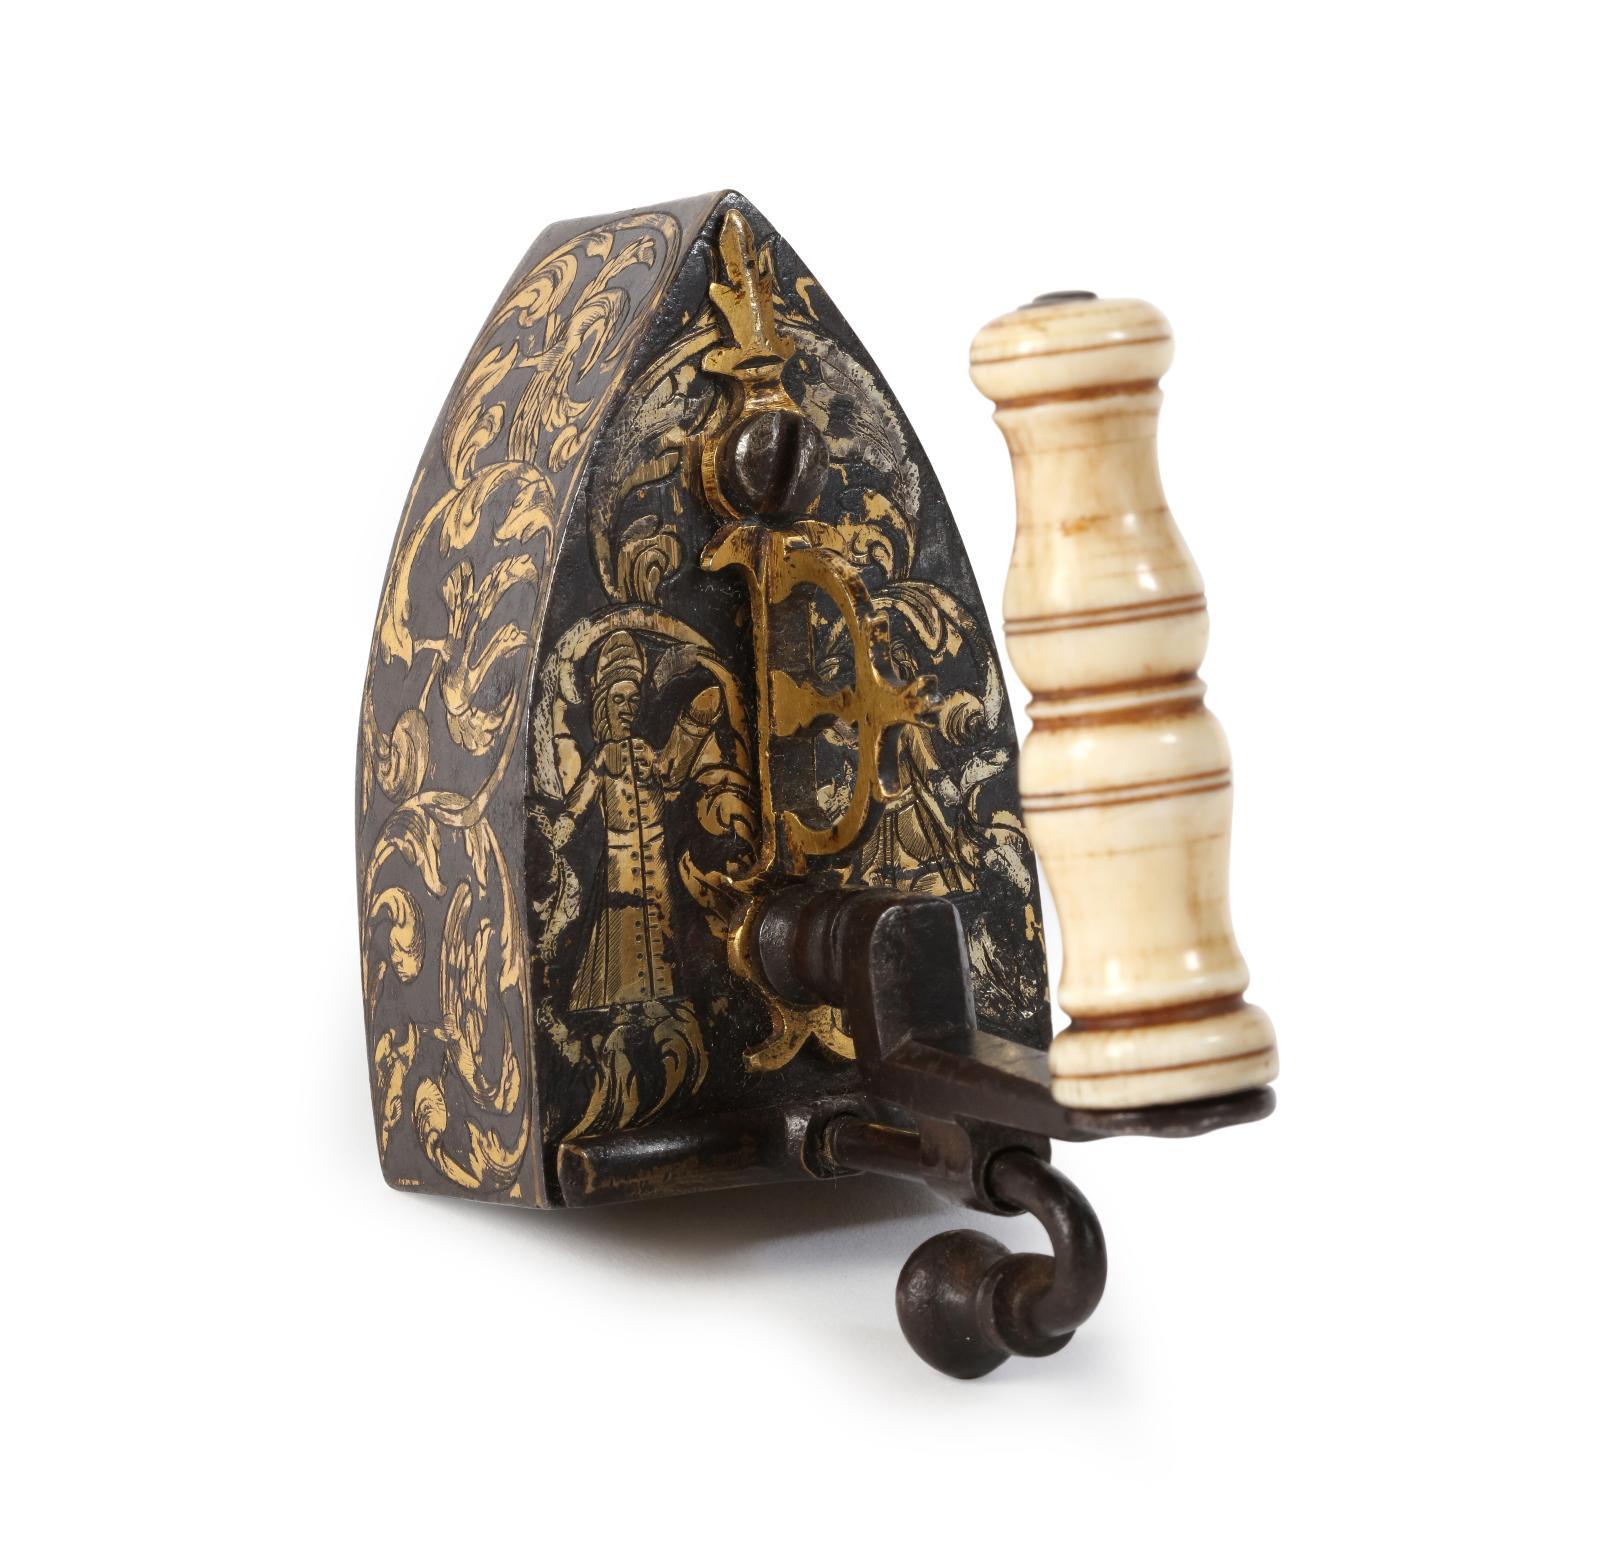 Époque LouisXV. Fer creux à repasser miniature, en fer forgé et gravé, à rehauts or, poignée en ivoire tourné assemblée sur un montant à retour conte